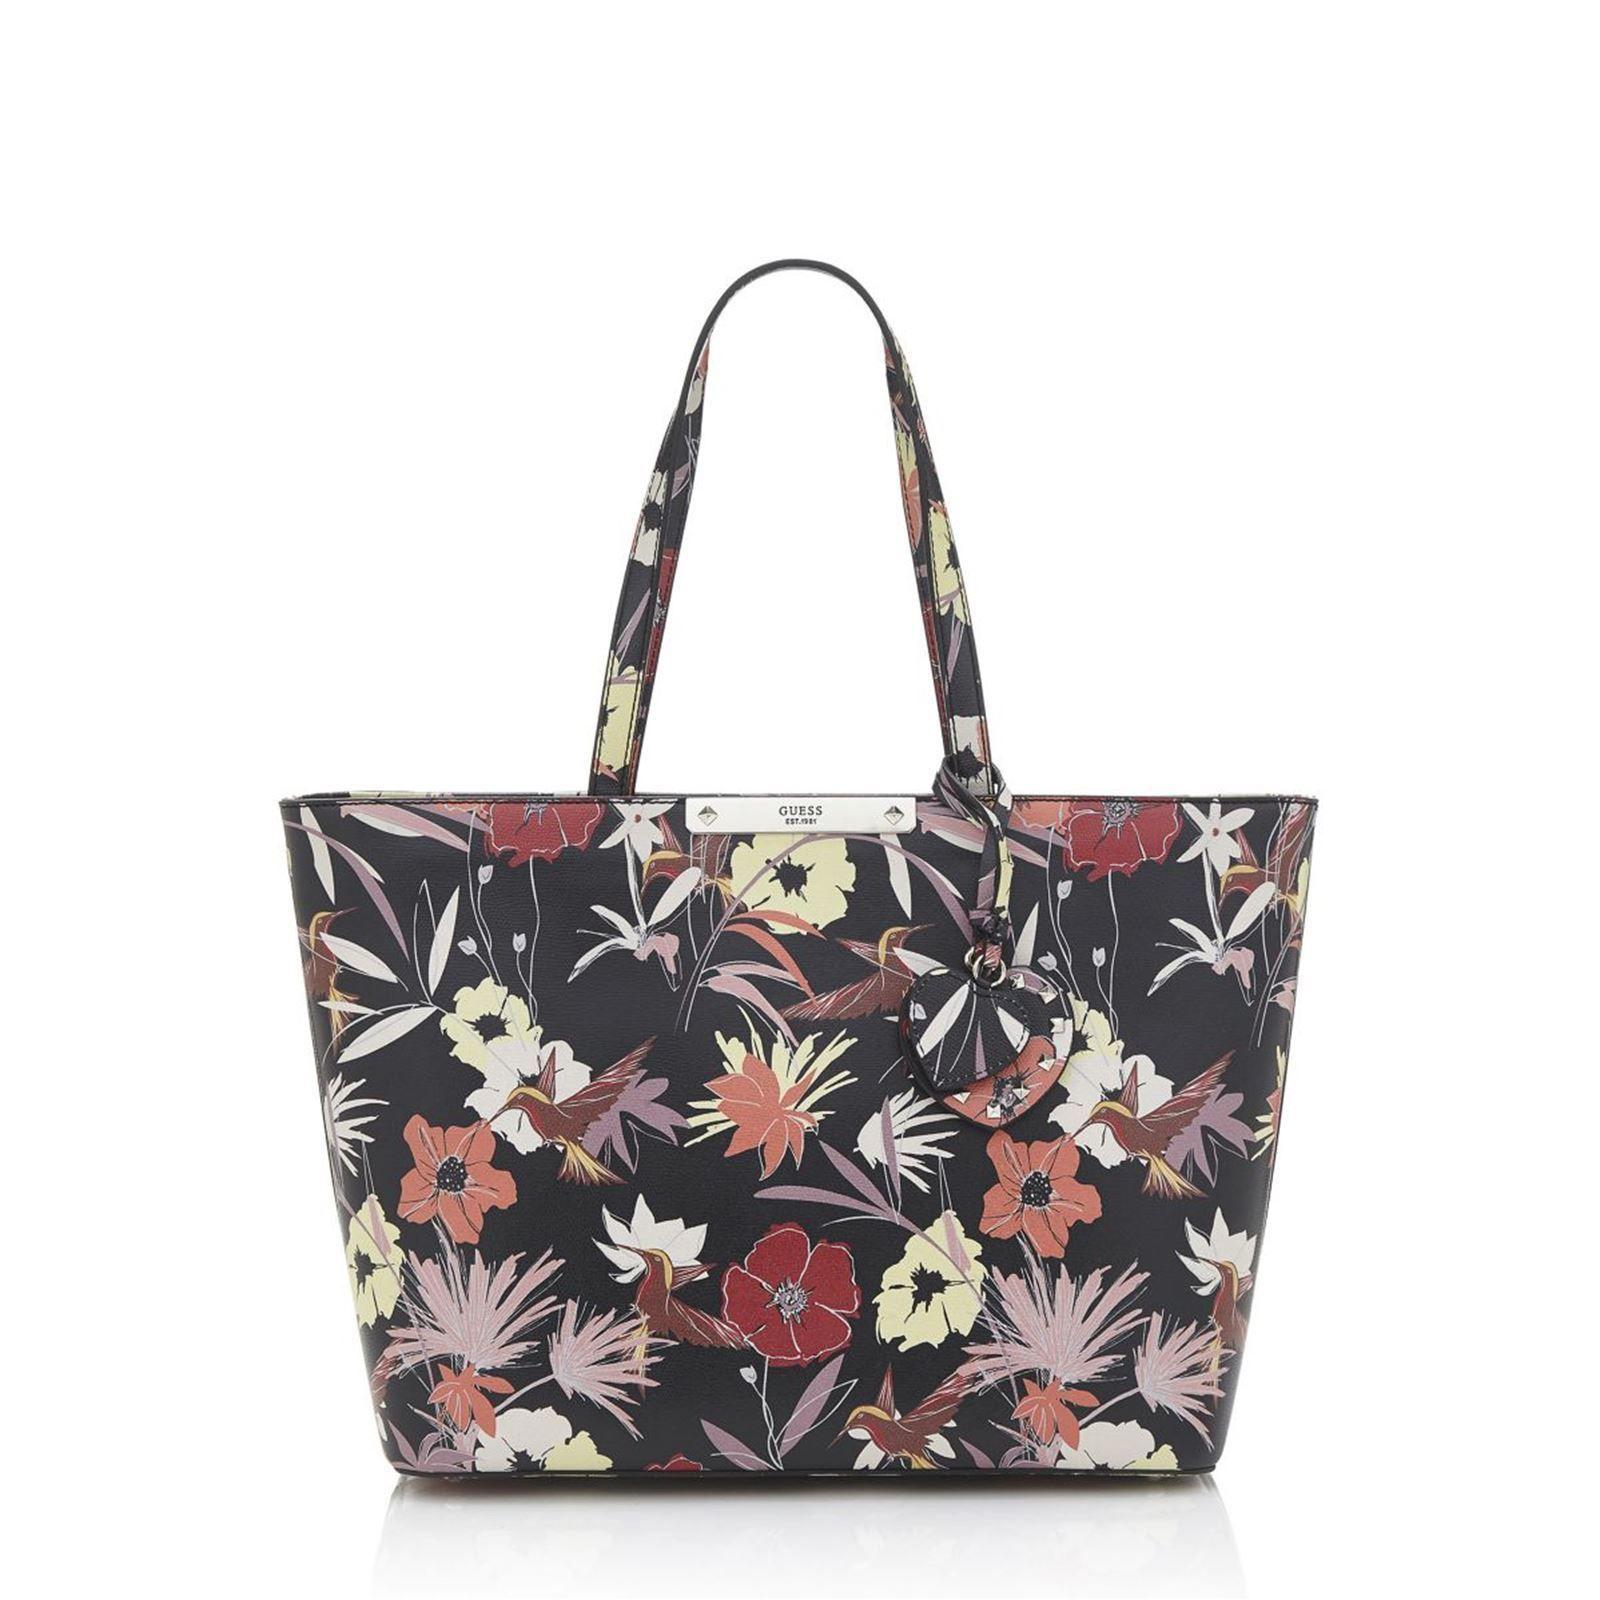 38a83b4db0 sac a main guess fleur. Je veux voir plus de Sacs à main bien notés par les  internautes et pas cher ICI